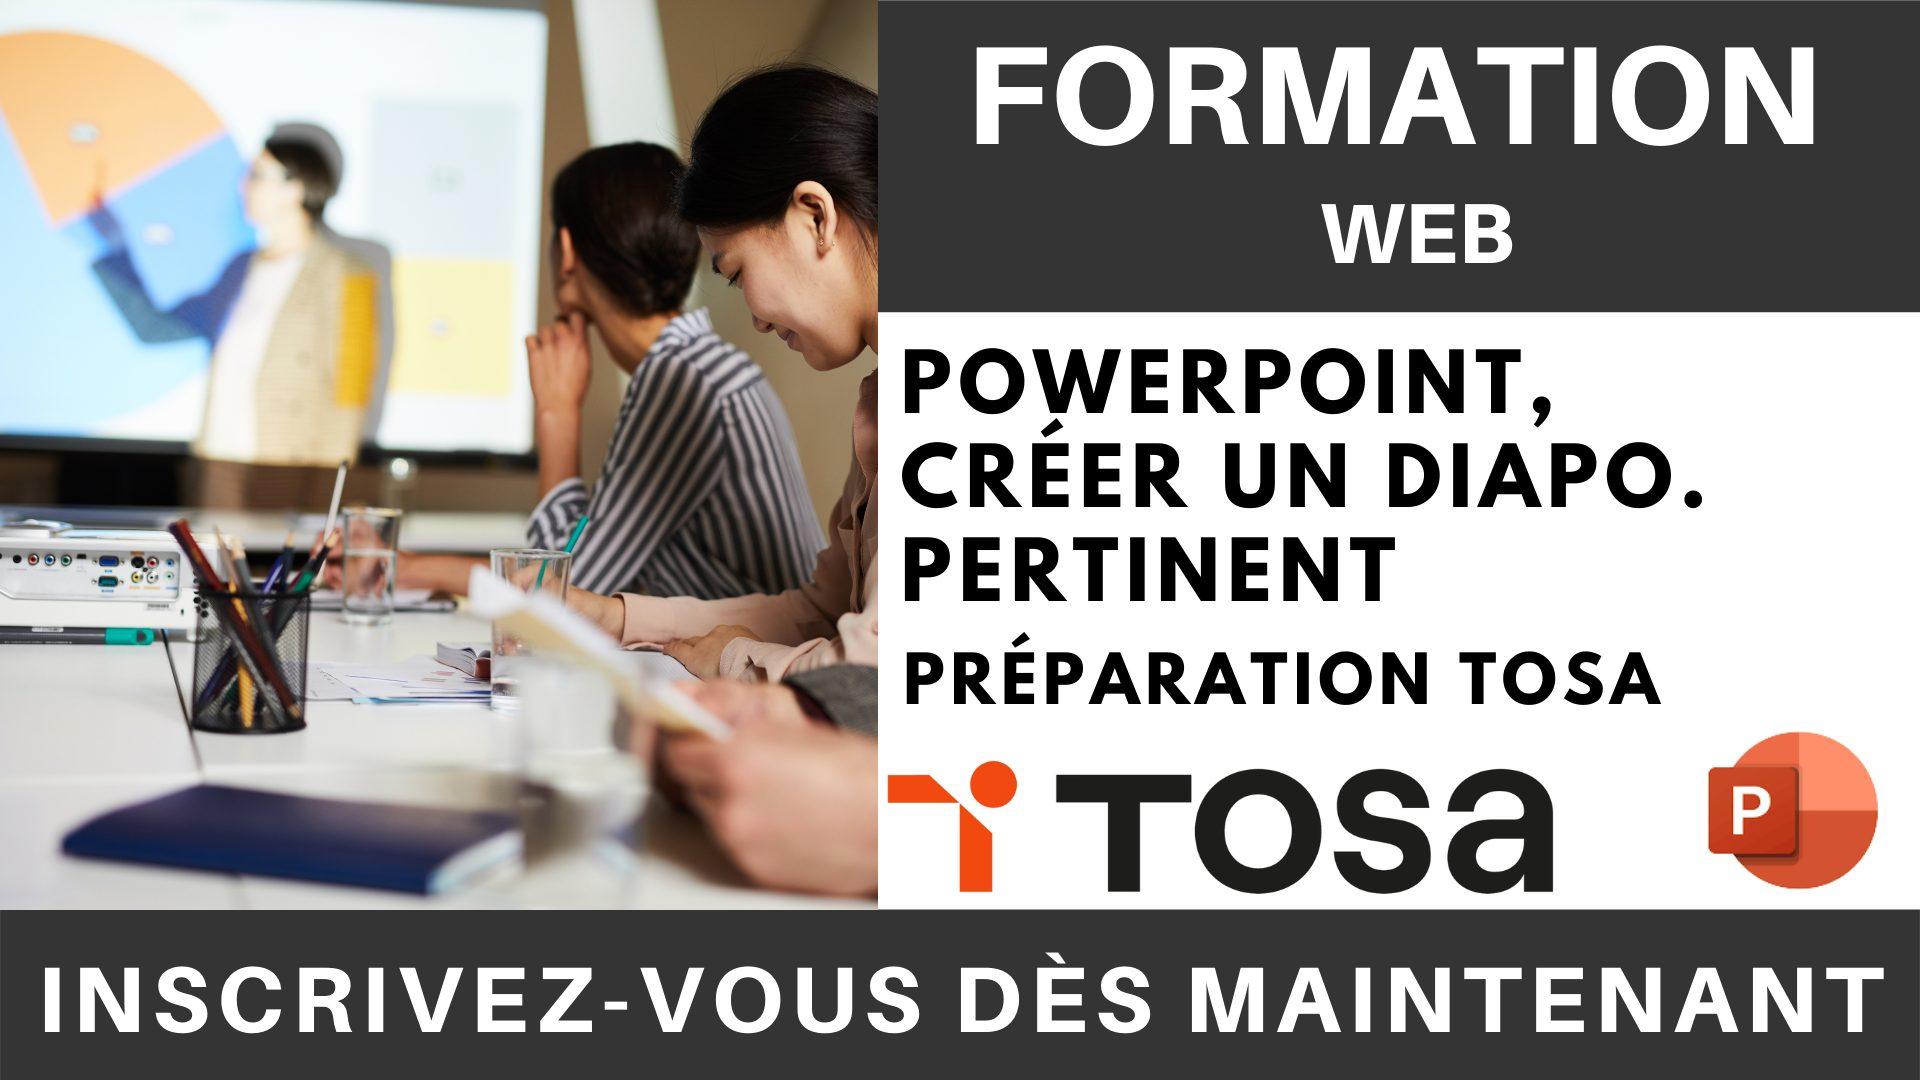 Formation web - PowerPoint, Créer un diaporama pertinent - Préparation TOSA